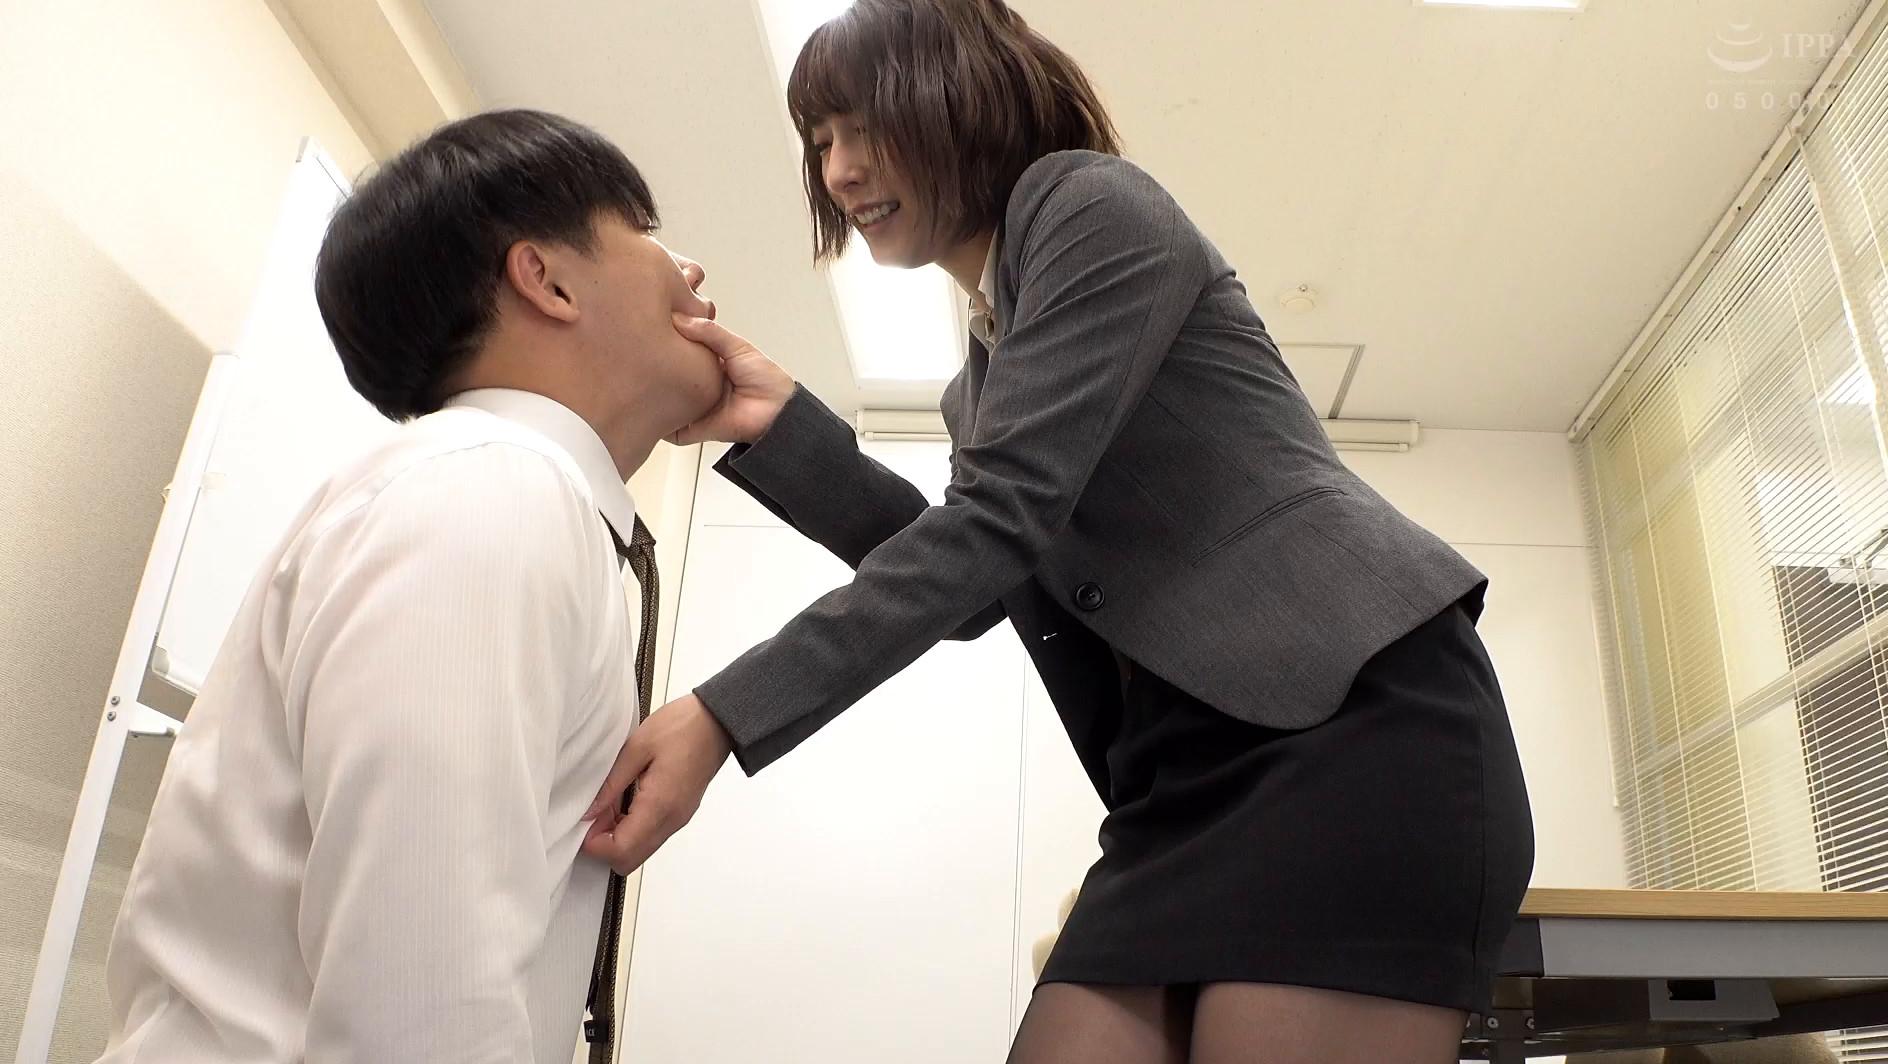 阿部乃みく ミリオン専属 第1弾ドラマ 完全女性上位 執拗に男ヲ責めて悦ぶオンナ 痴女OLはオフィスにて男性上司を堕とし狂わす19